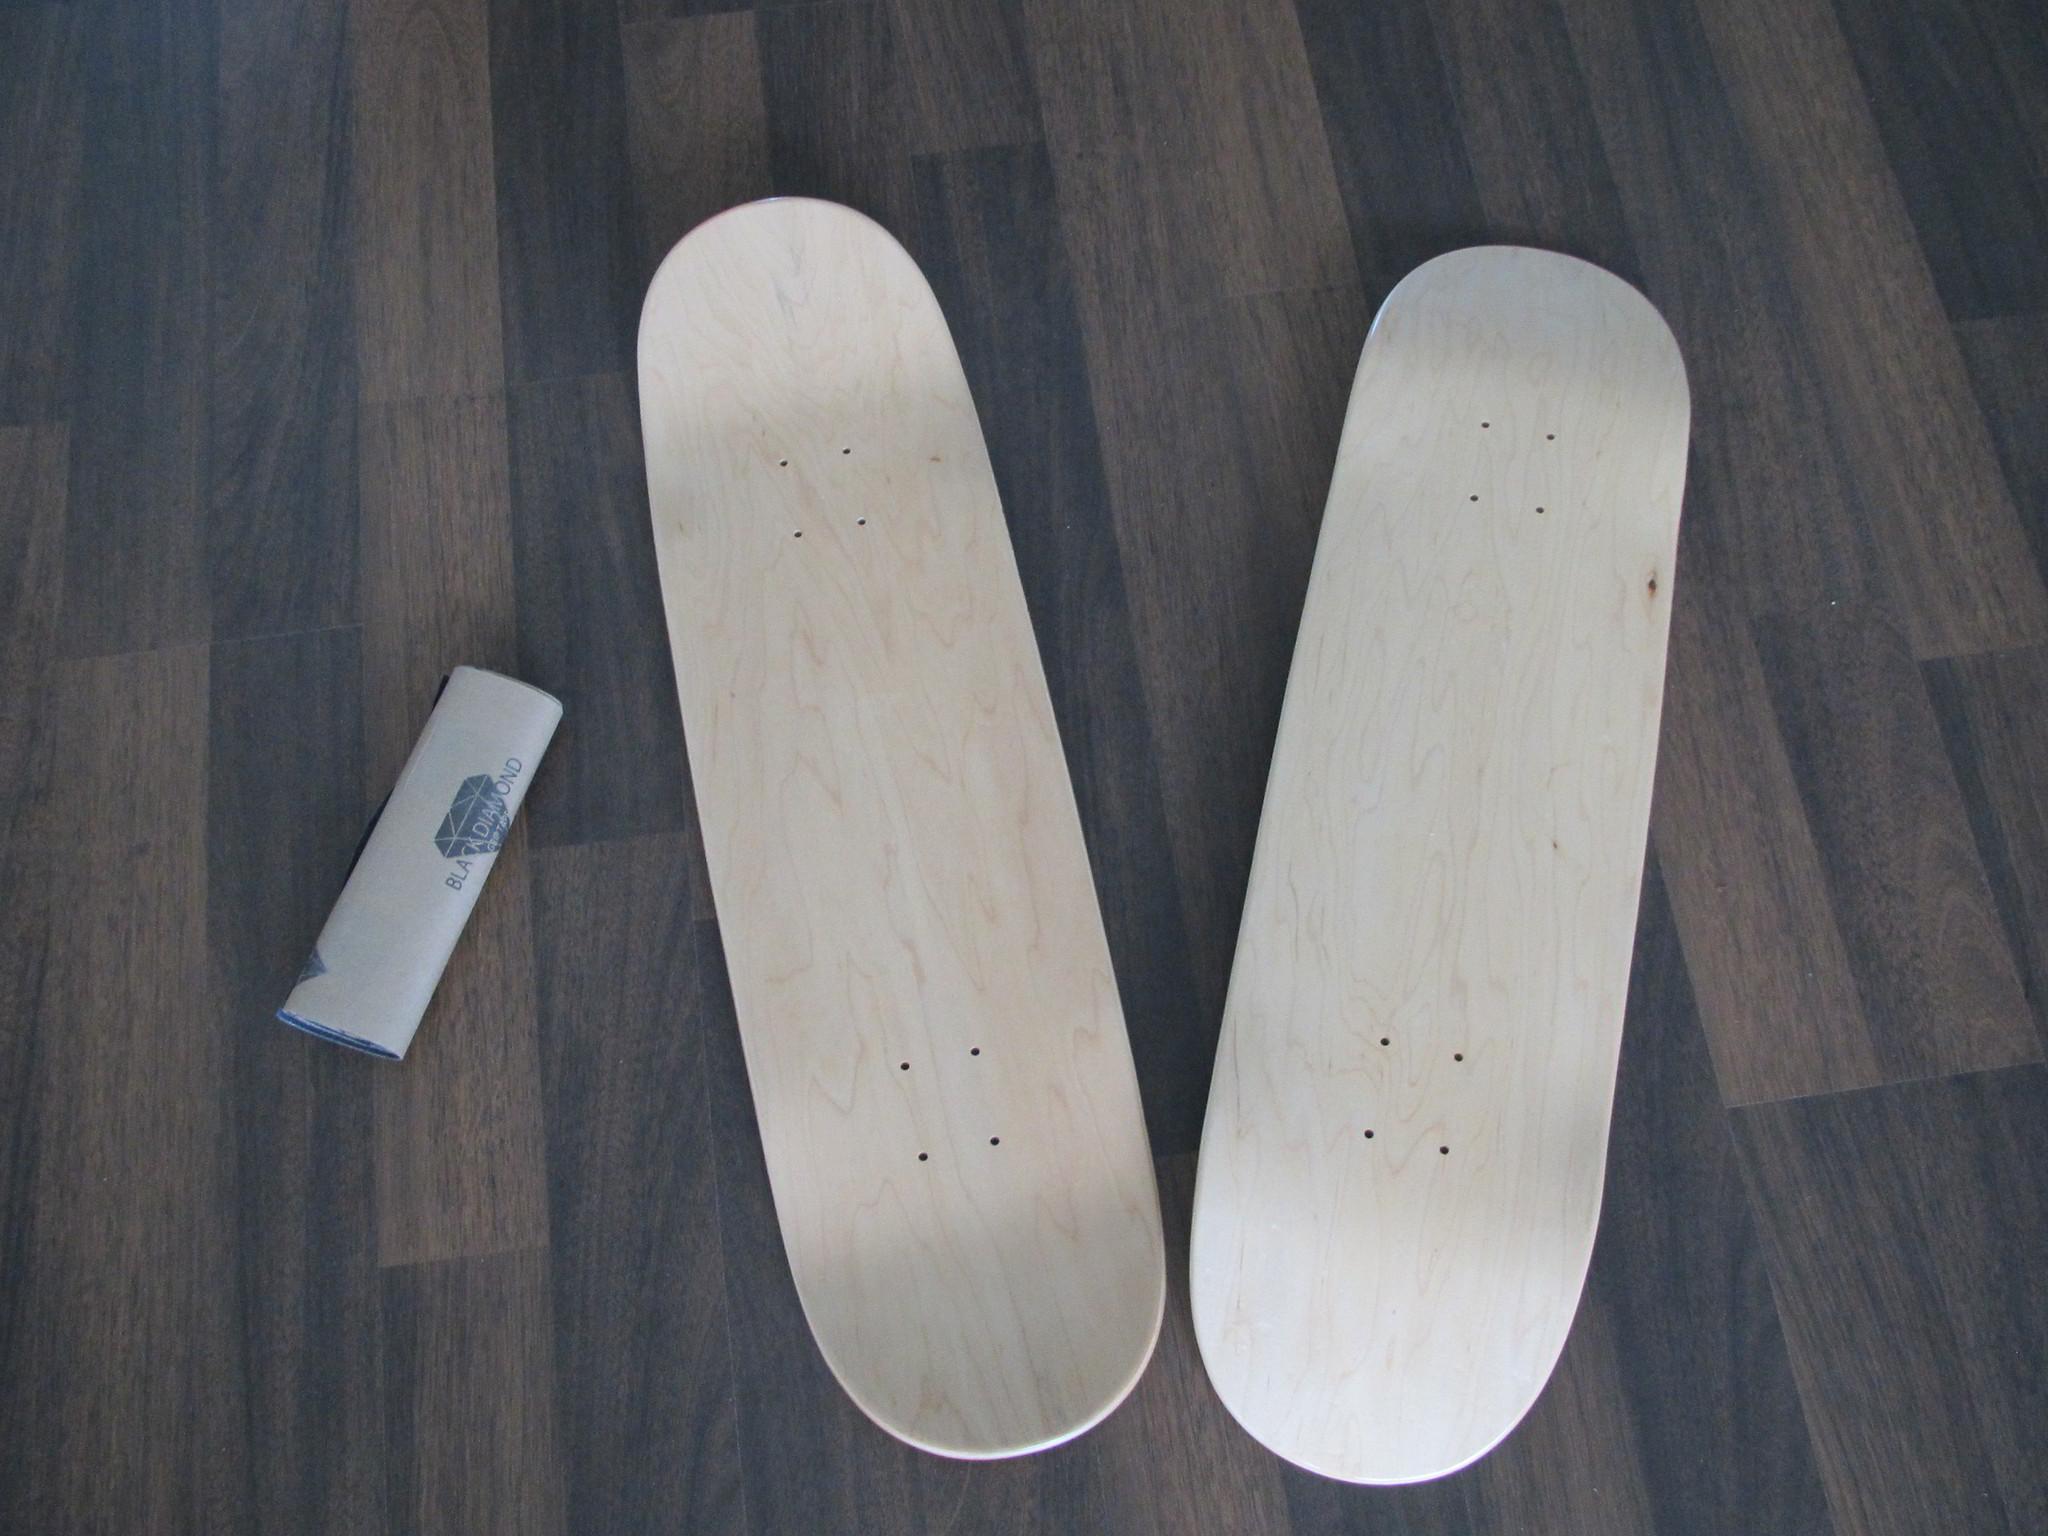 Как сделать доску для скейтборда